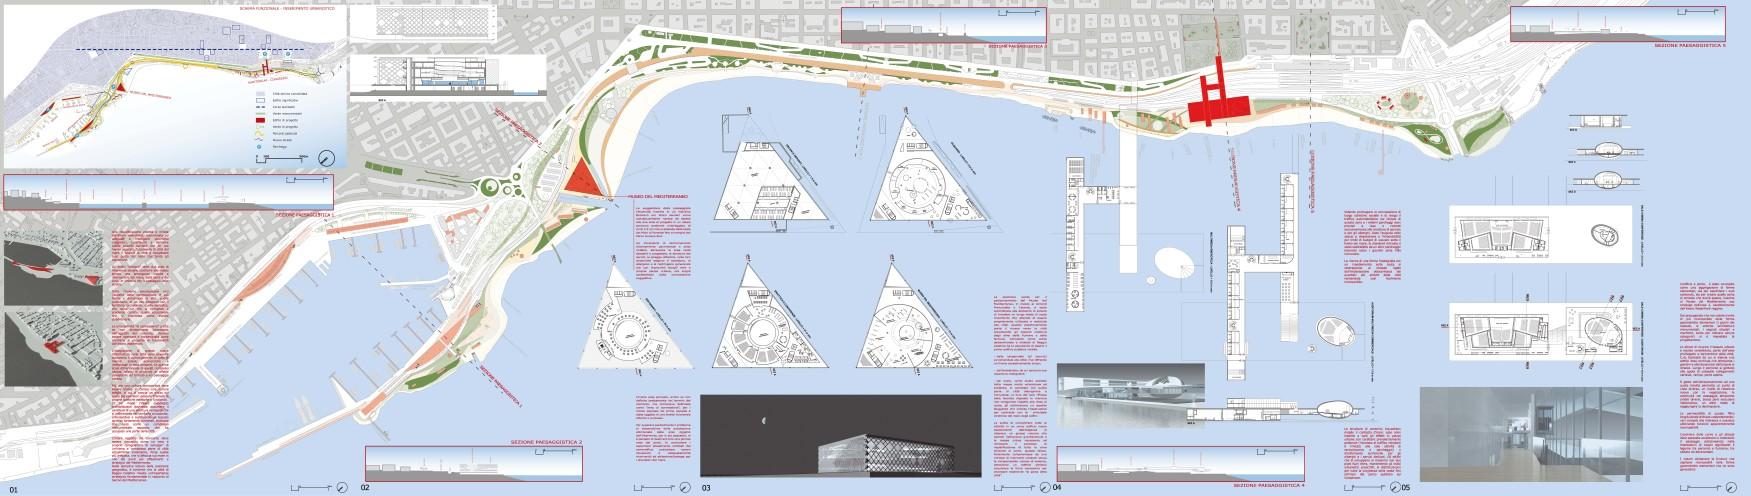 CONCORSO-REGIUM-WATERFRON-COMPLETAMENTO-DEL-WATERFRONT-DI-REGGIO-CALABRIA-ANNO-2007-e1481553412945